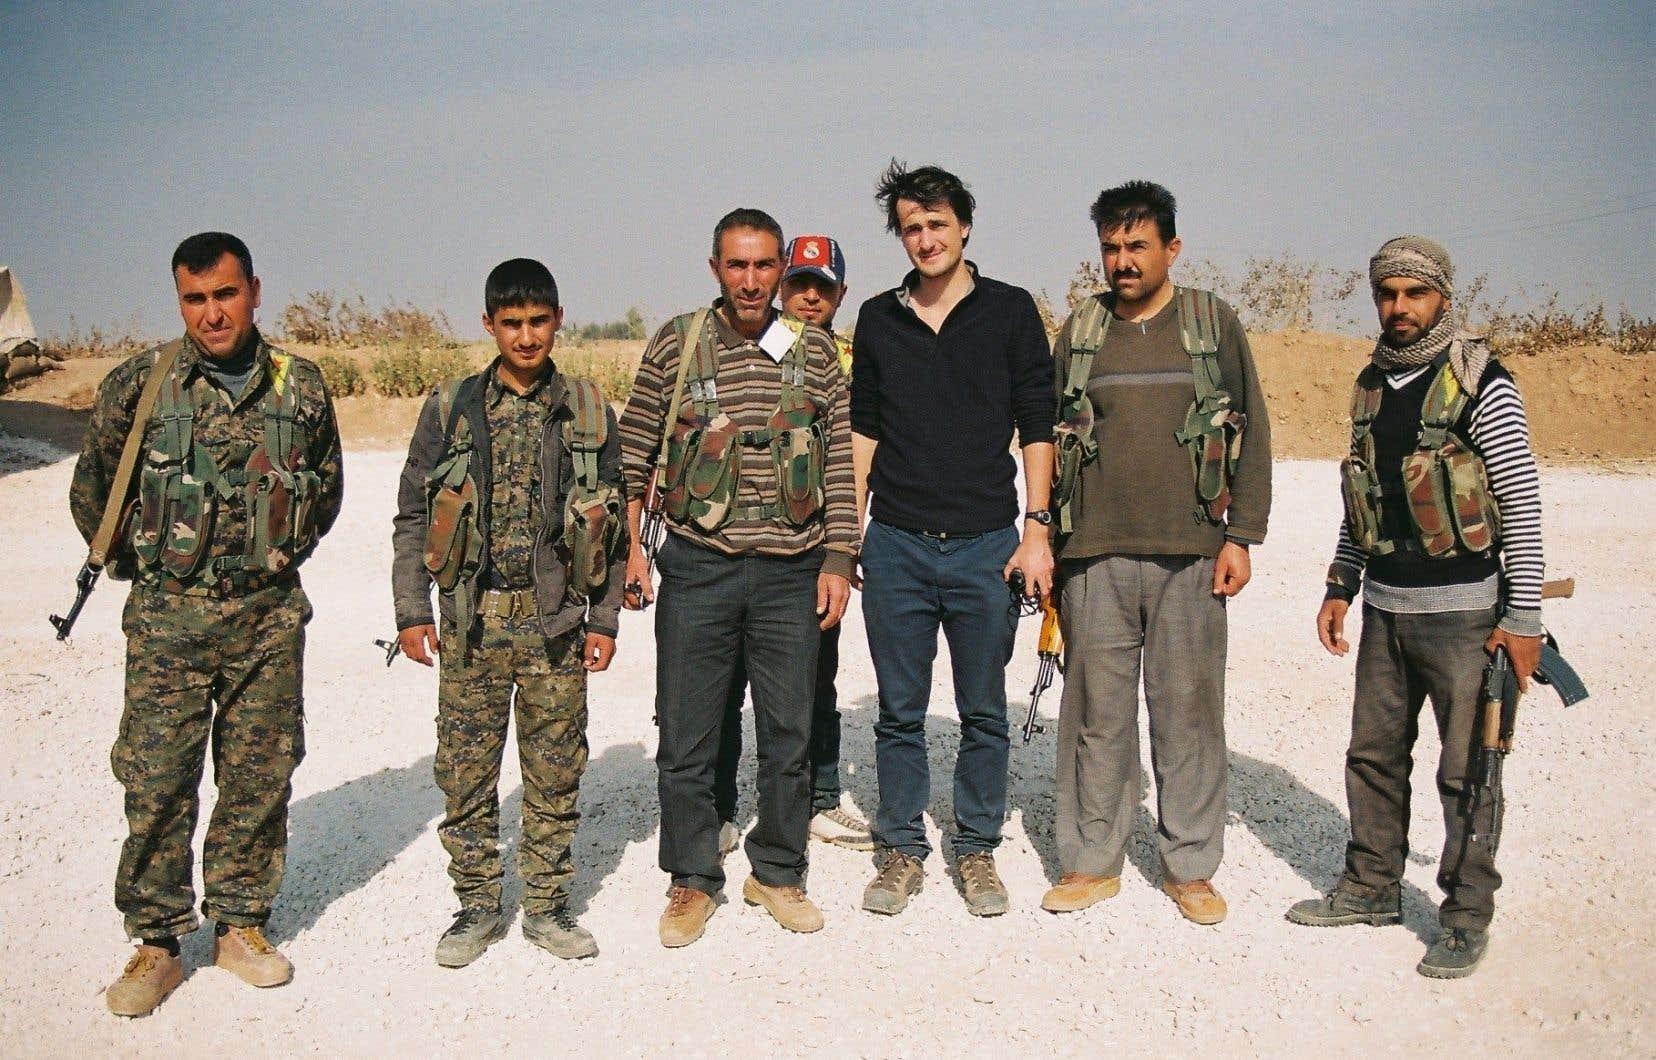 Loup Bureau à Serekanyé, Rojava, avec les combattants kurdes, le 4 décembre 2013